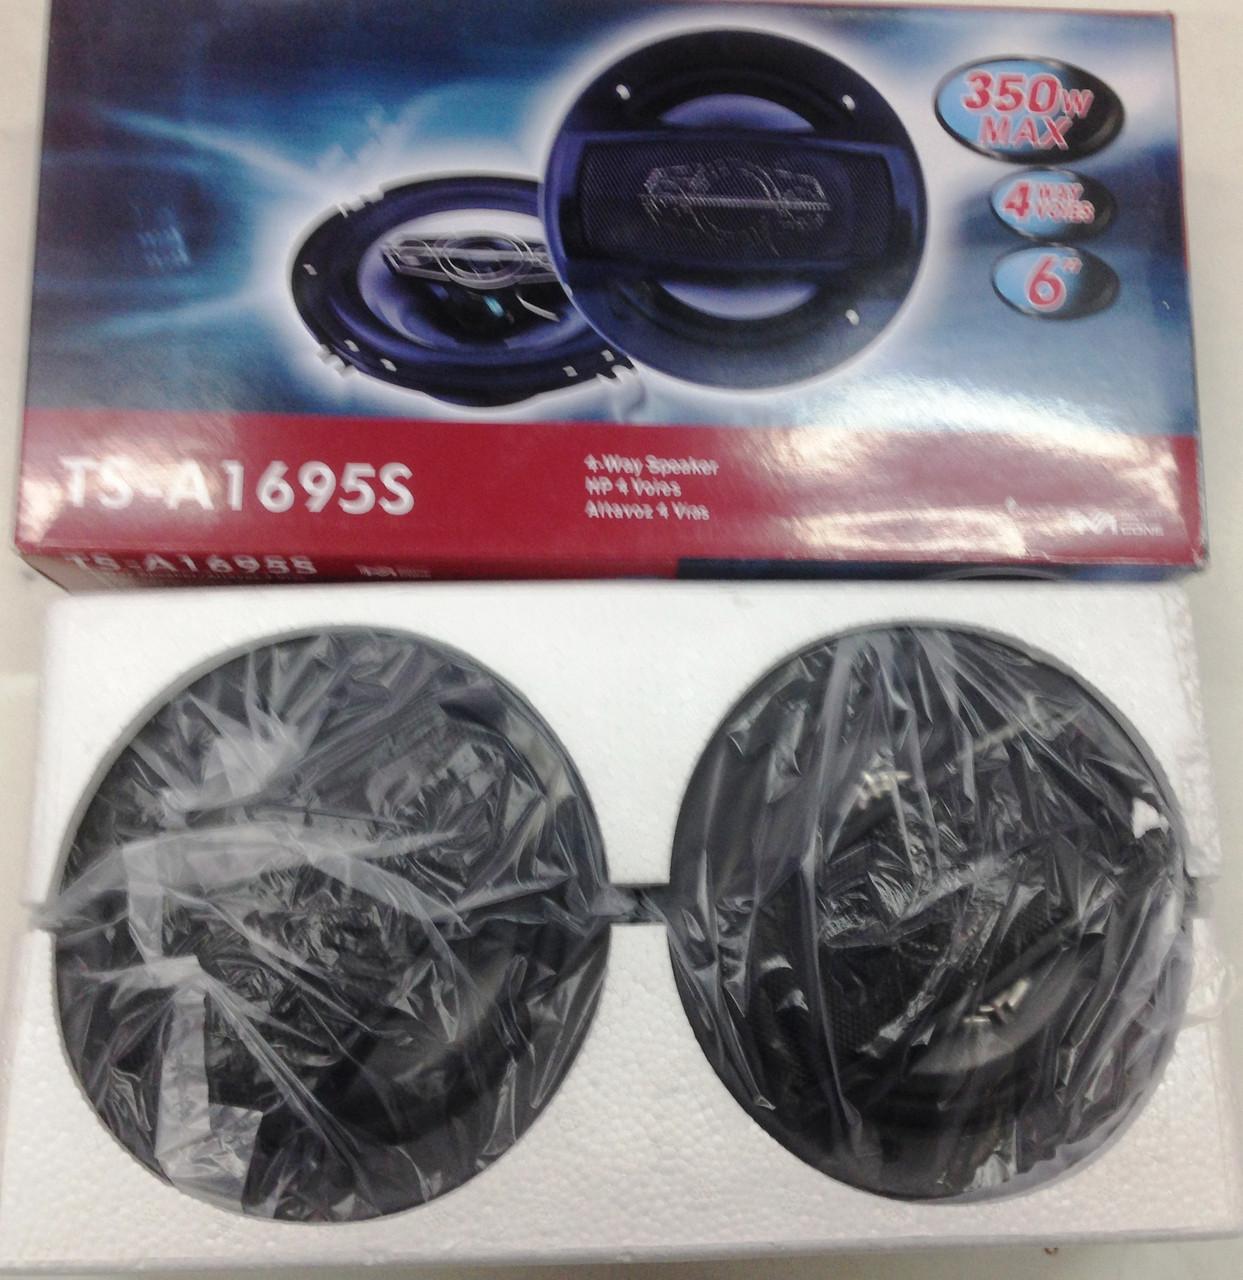 Автомобильная акустика Pioneer TS-A1695S 16см 350W 2-х полосные реплика